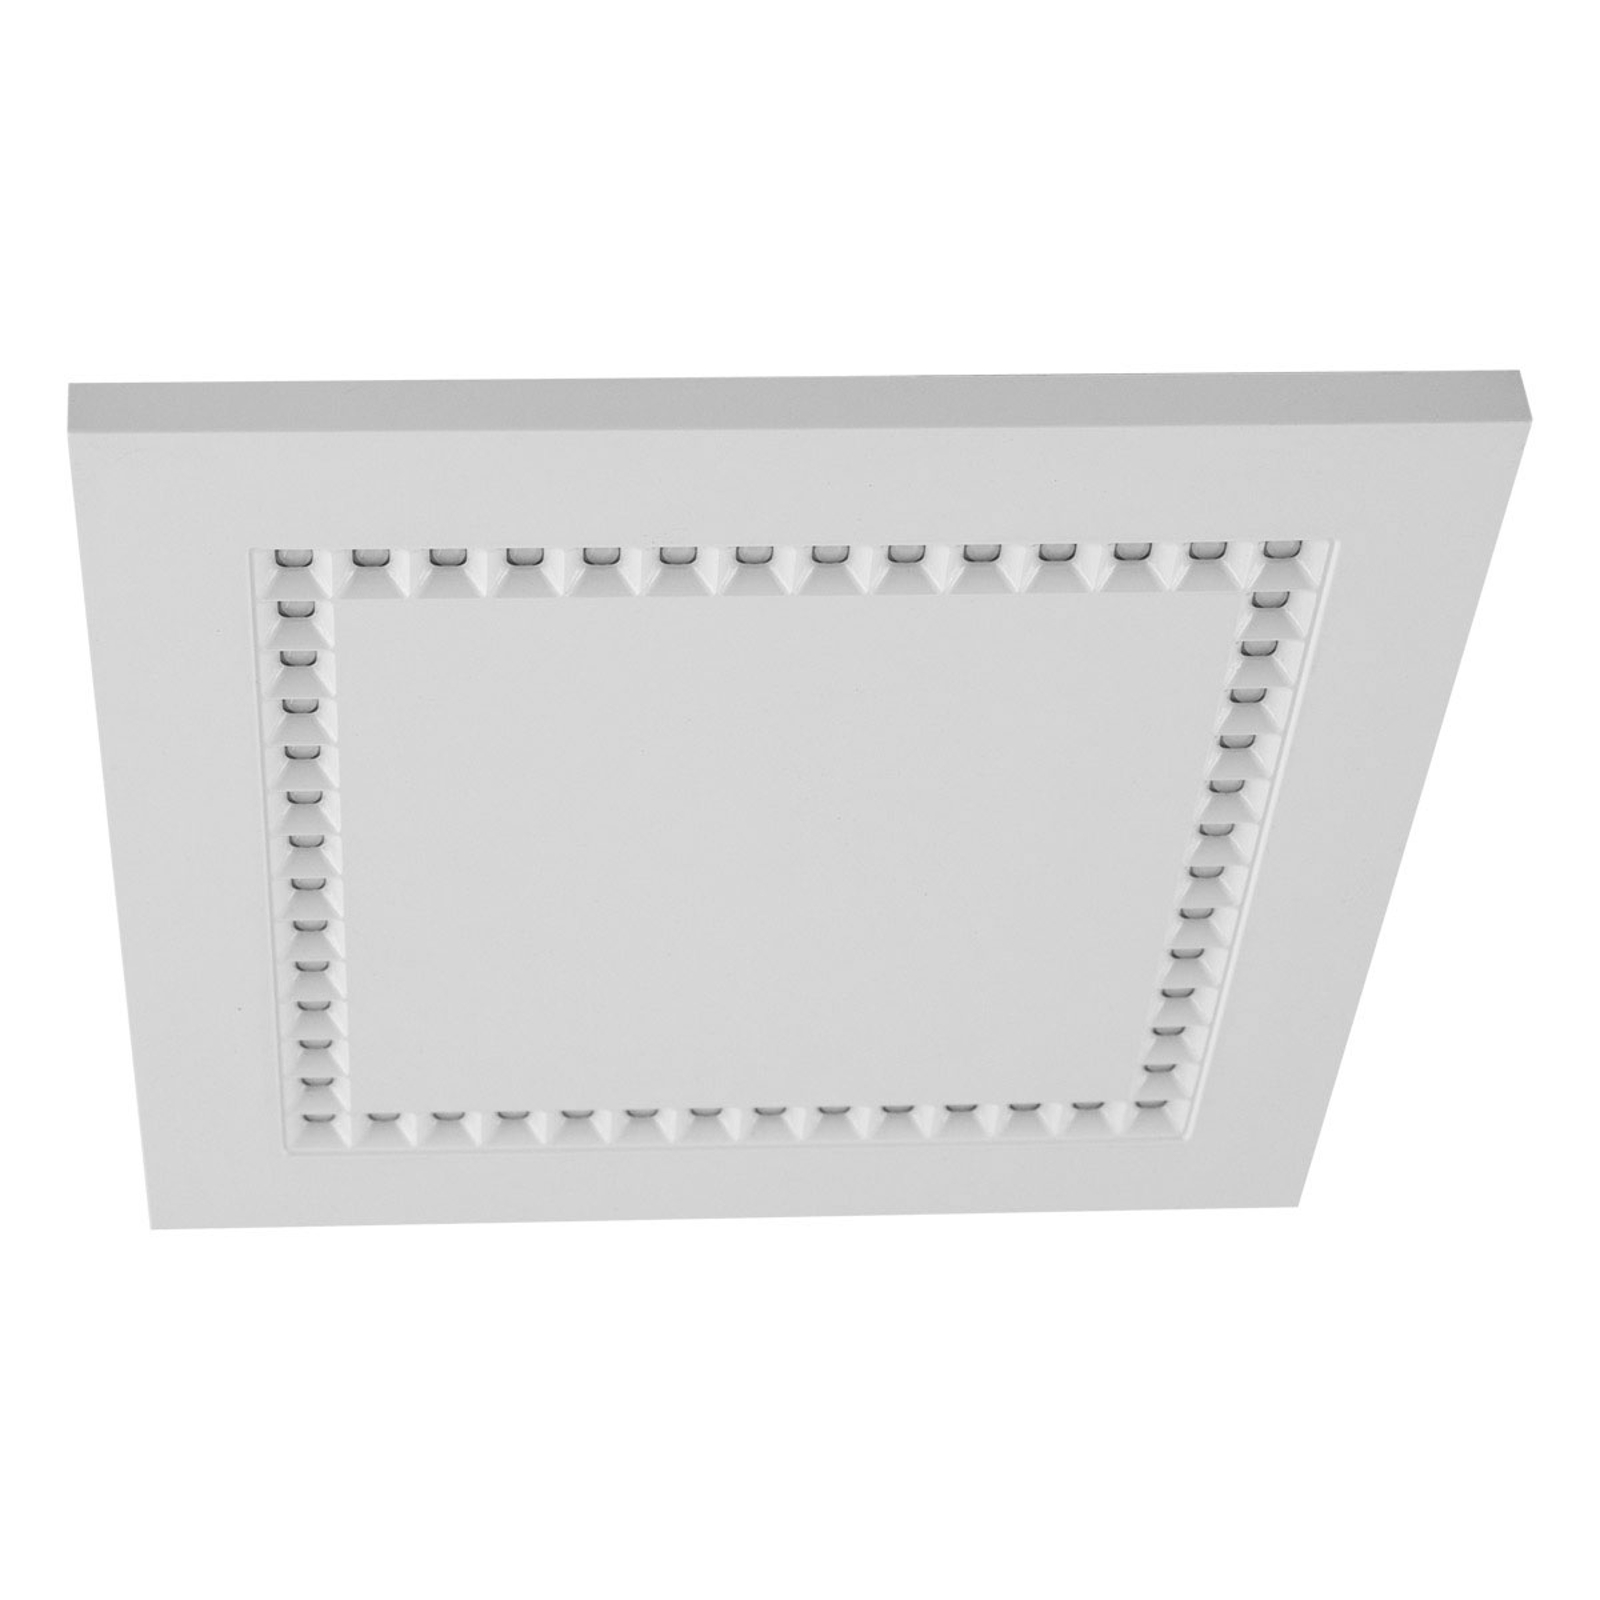 EVN ALQ LED-Panel weiß 15W 30x30cm 4.000K